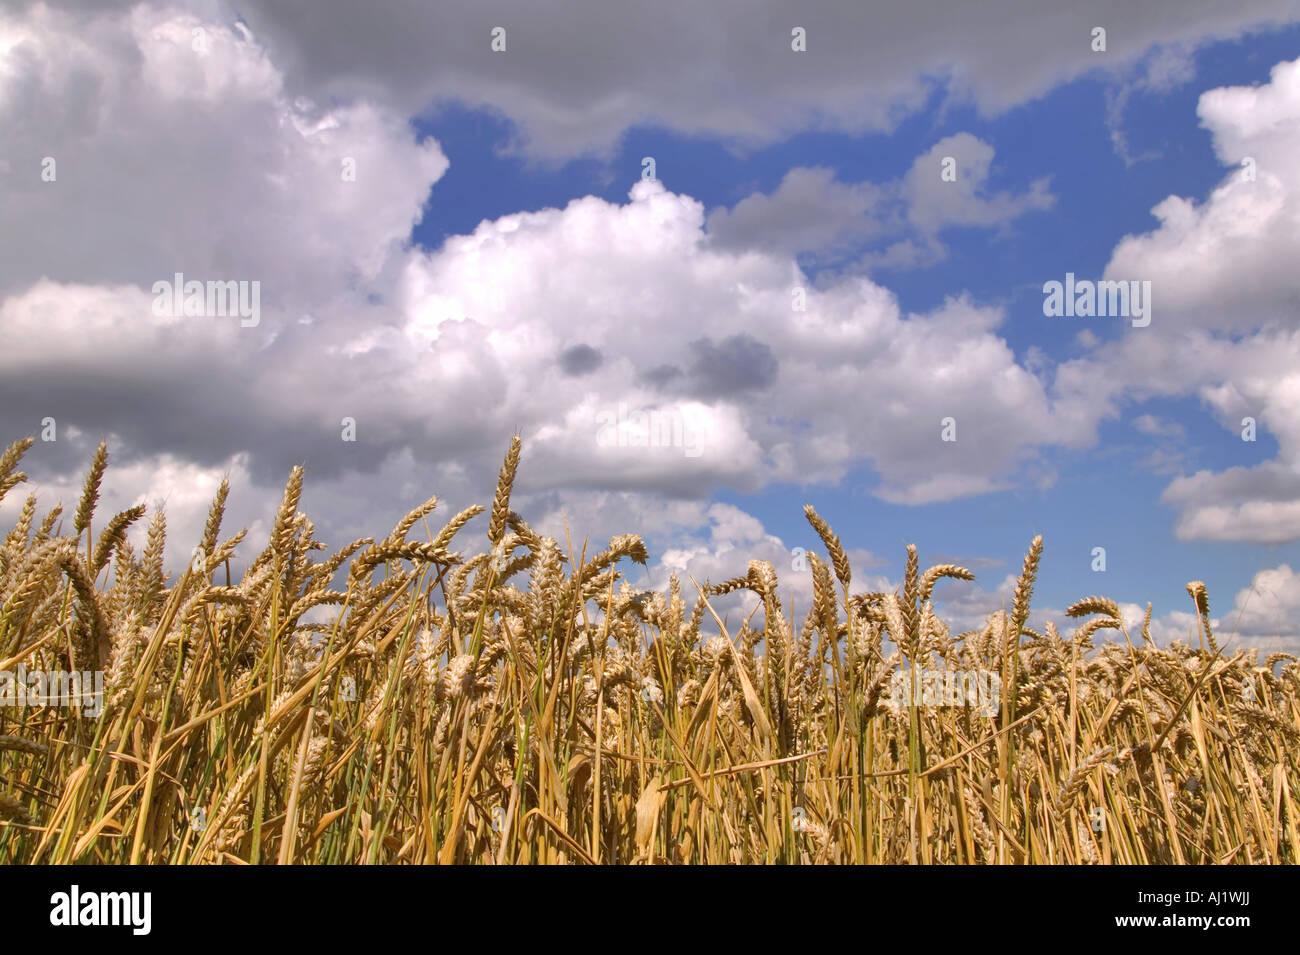 Champ de blé sous un ciel nuageux bleu Photo Stock